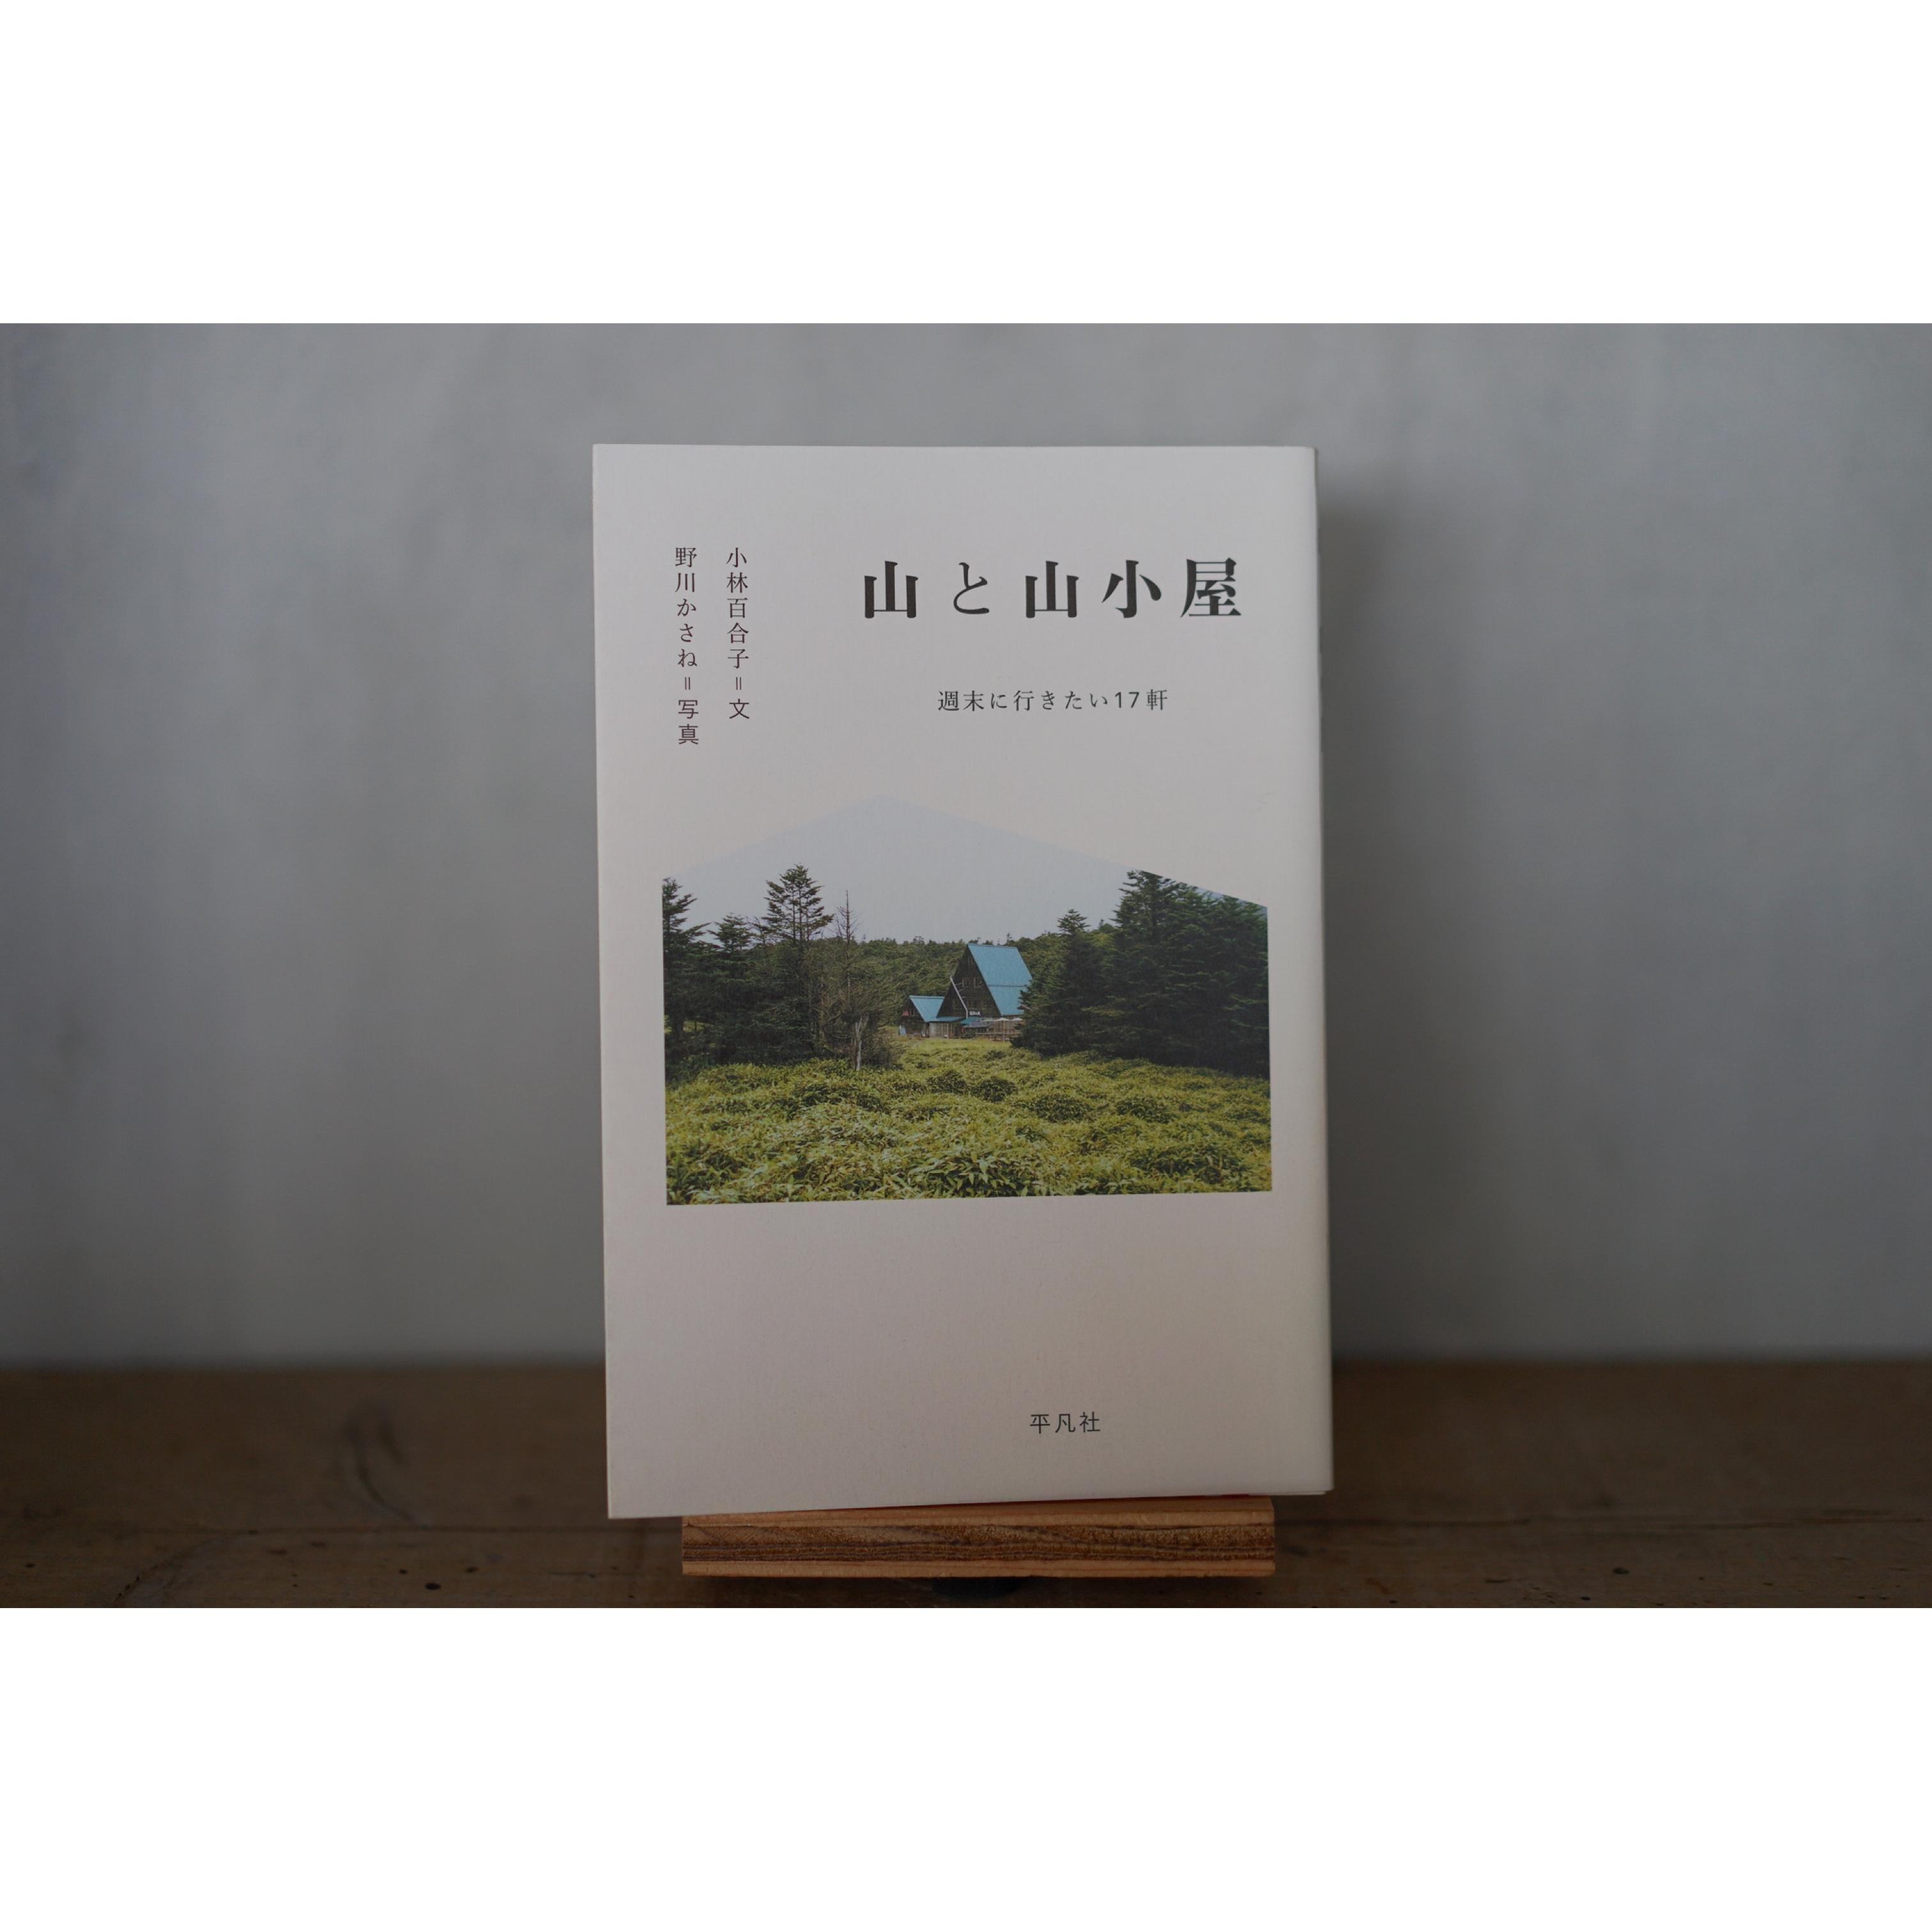 『山と山小屋 週末に行きたい17軒』 小林百合子、野川かさね (平凡社 2012)